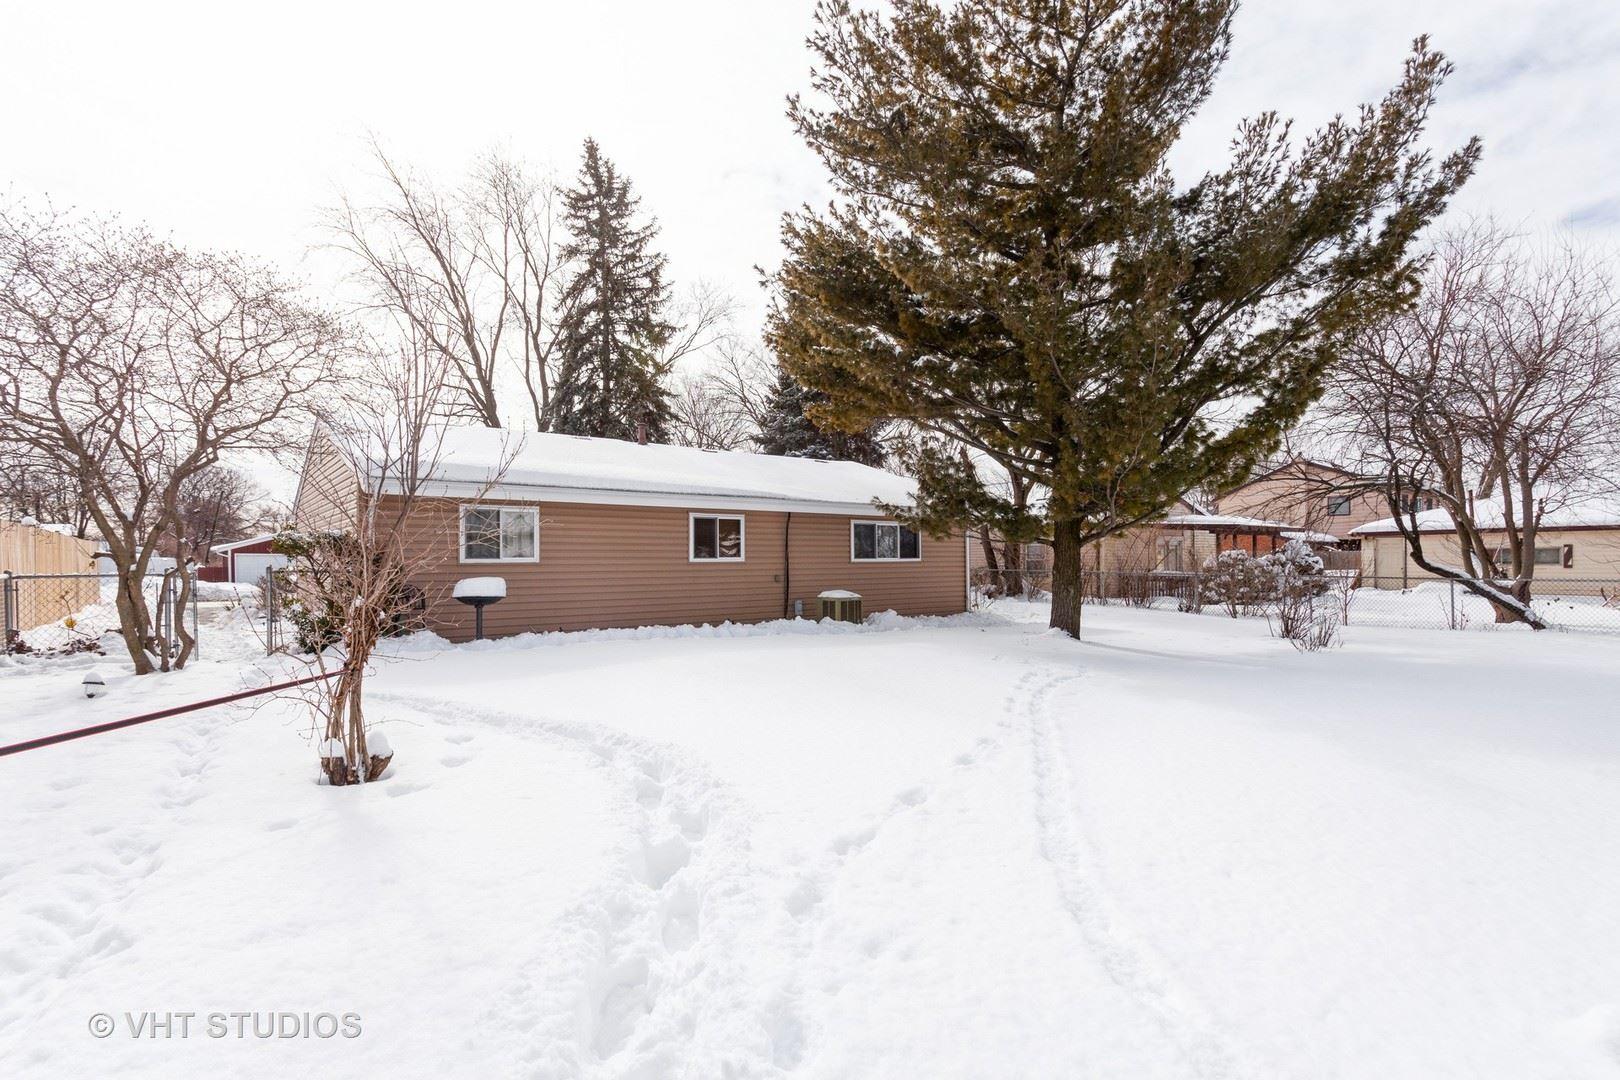 Photo of 116 Edgehill Drive, Bolingbrook, IL 60440 (MLS # 11040509)